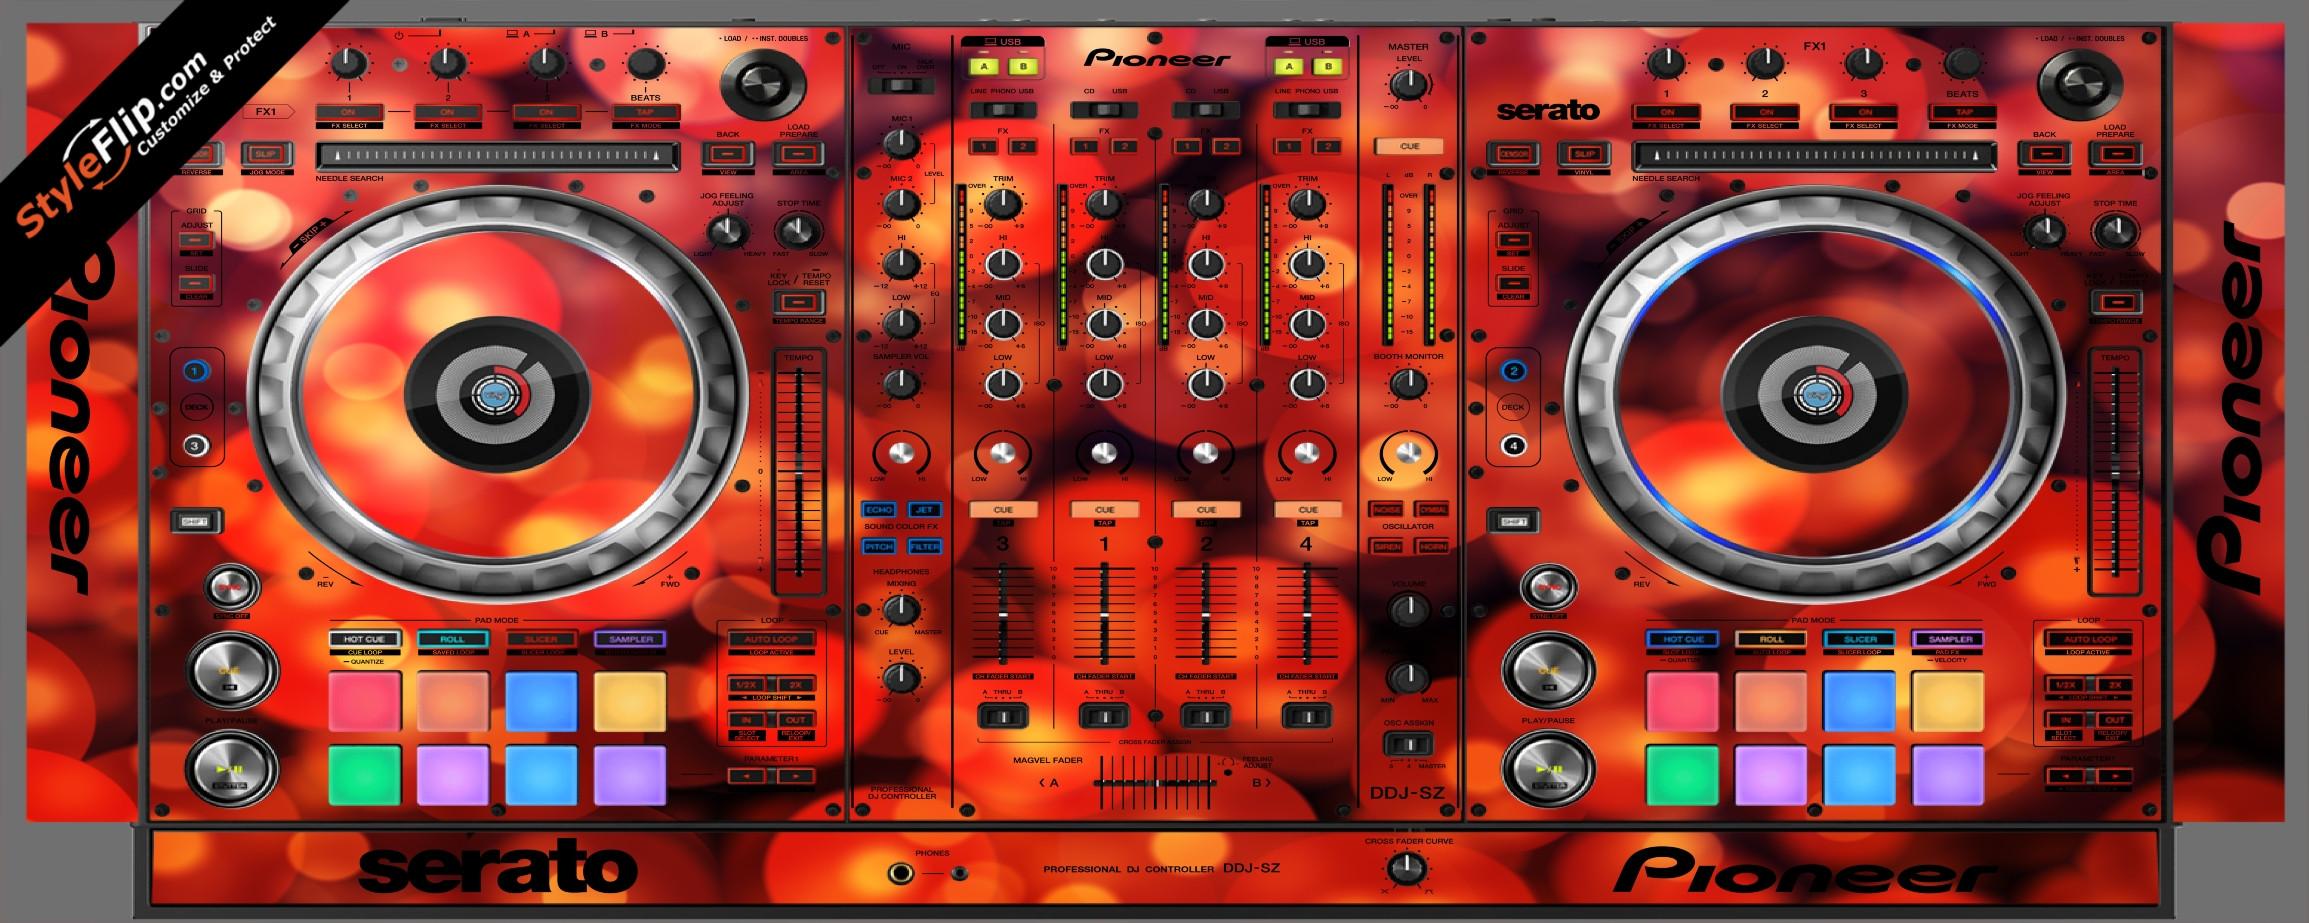 Firefly Pioneer DDJ-SZ